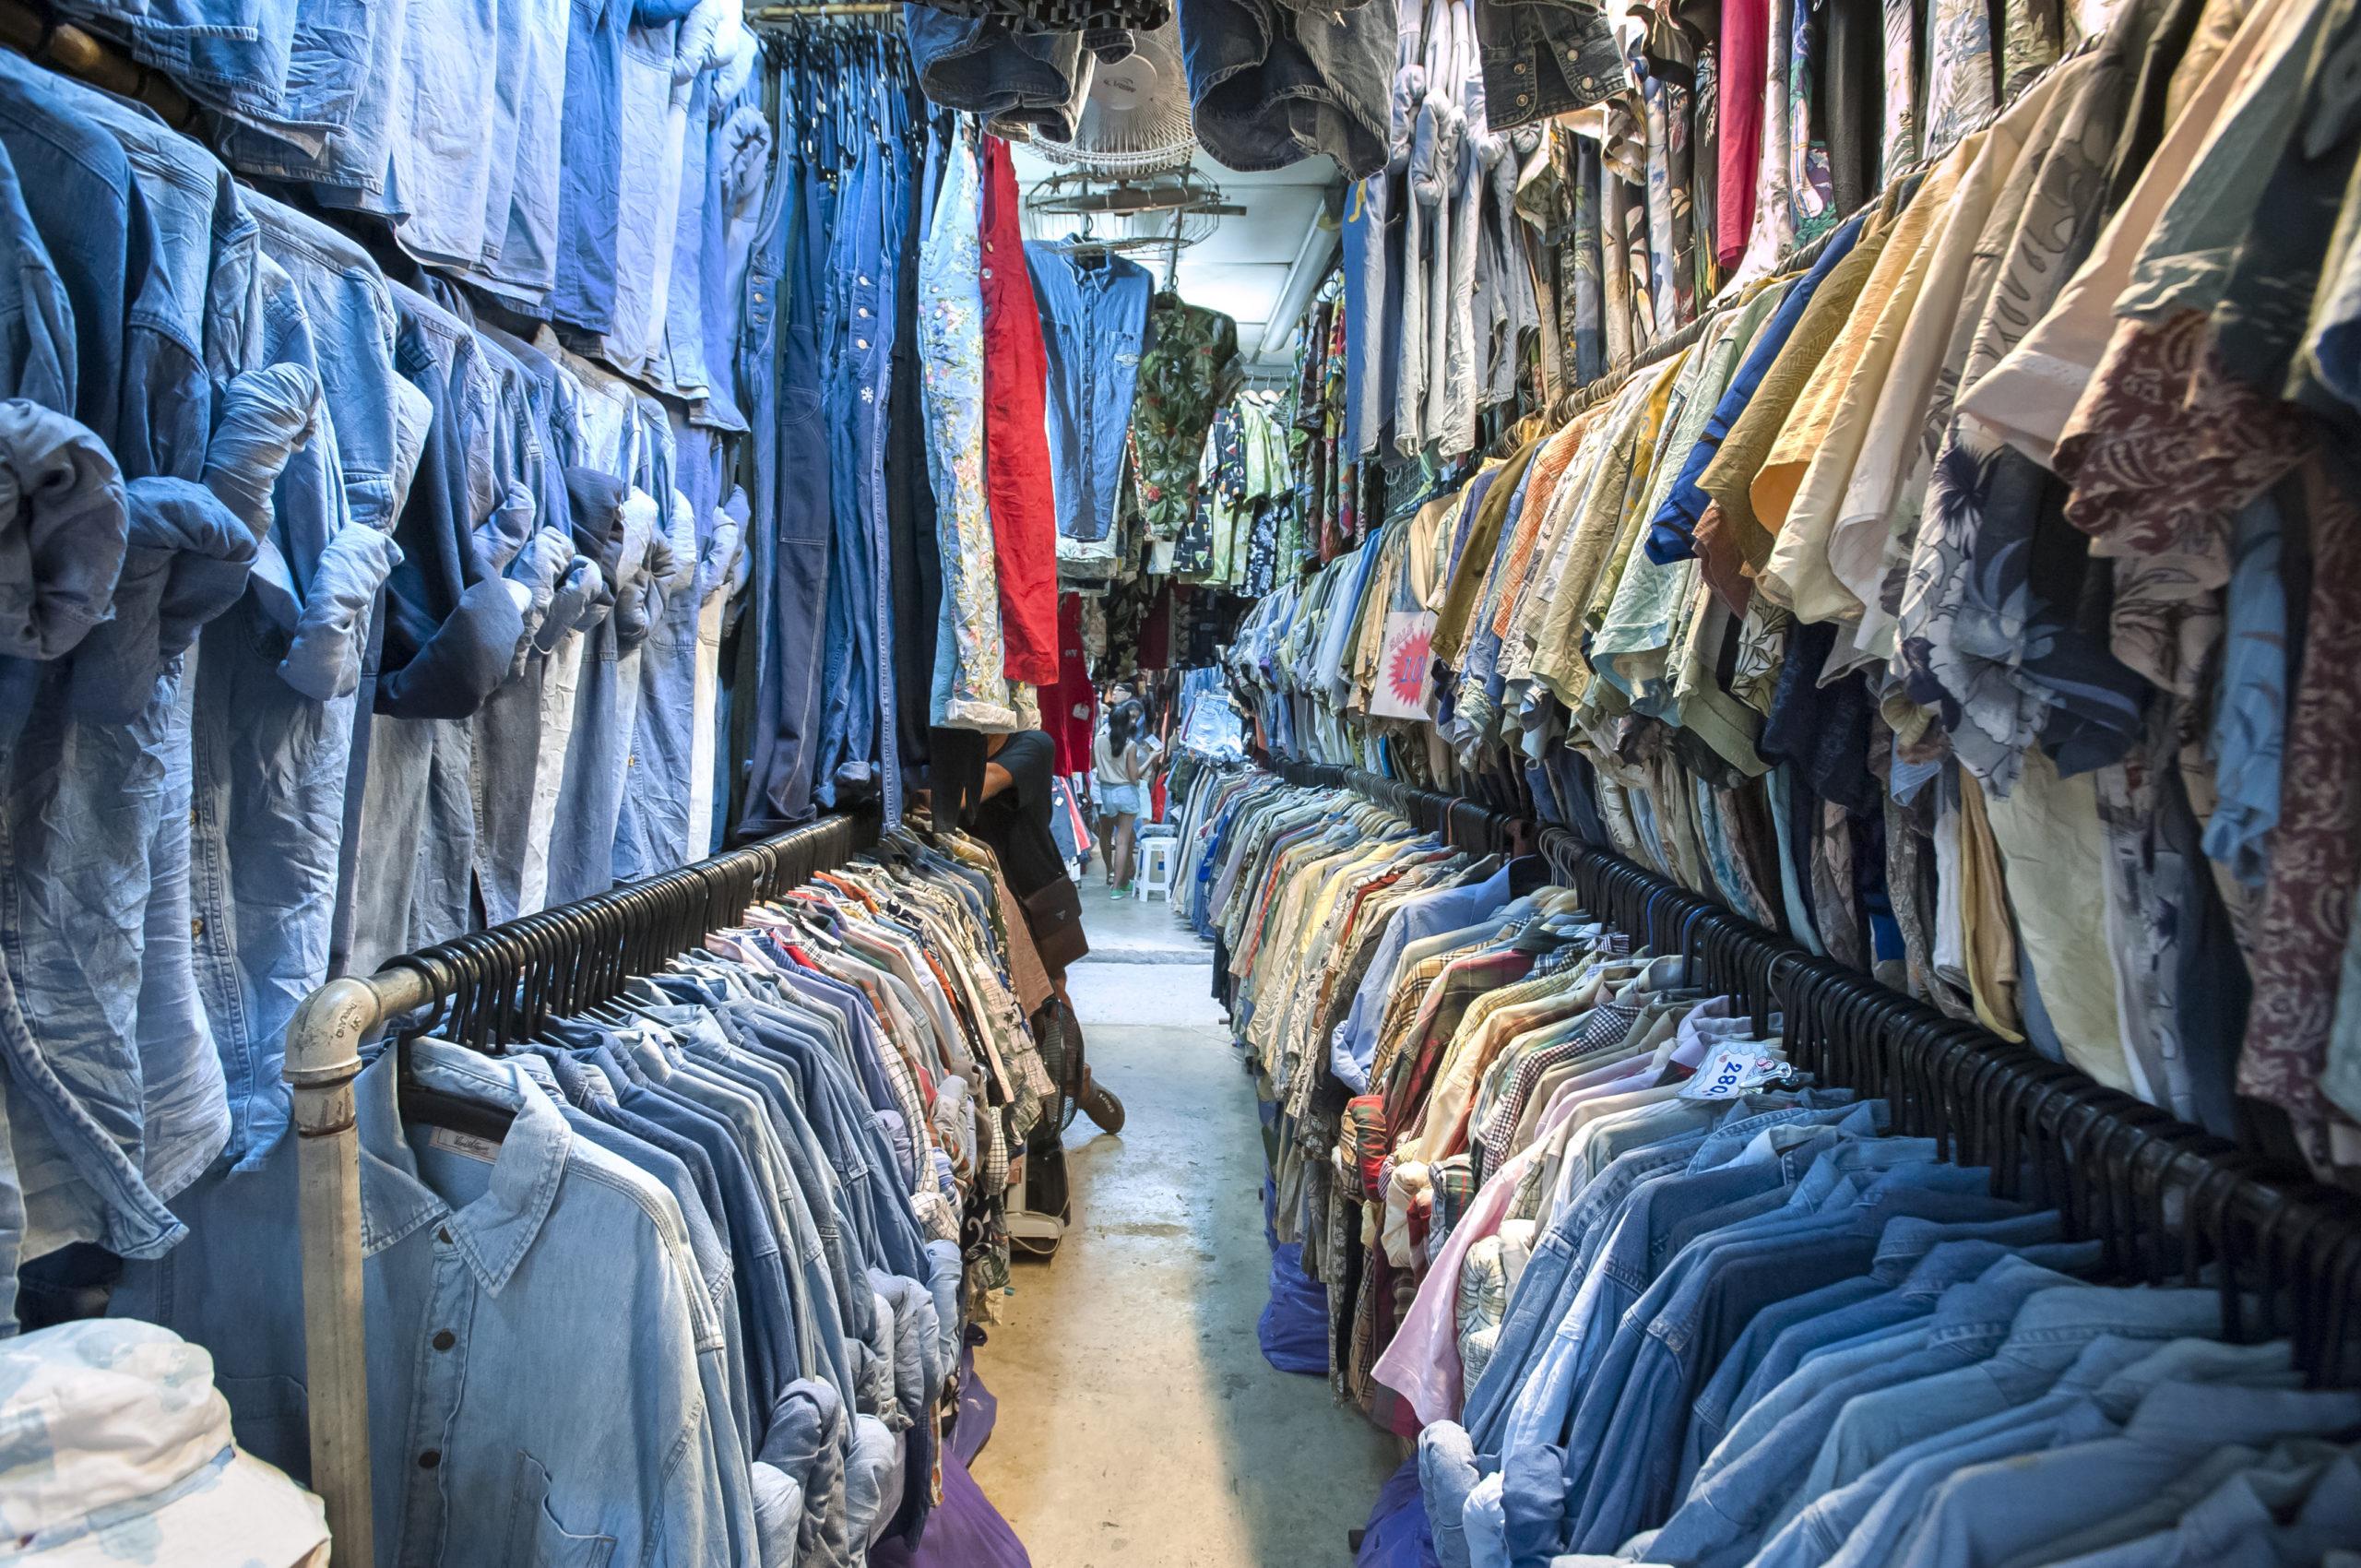 【古着の仕入れルート5選】種類別の仕入れ手段と特徴を解説します